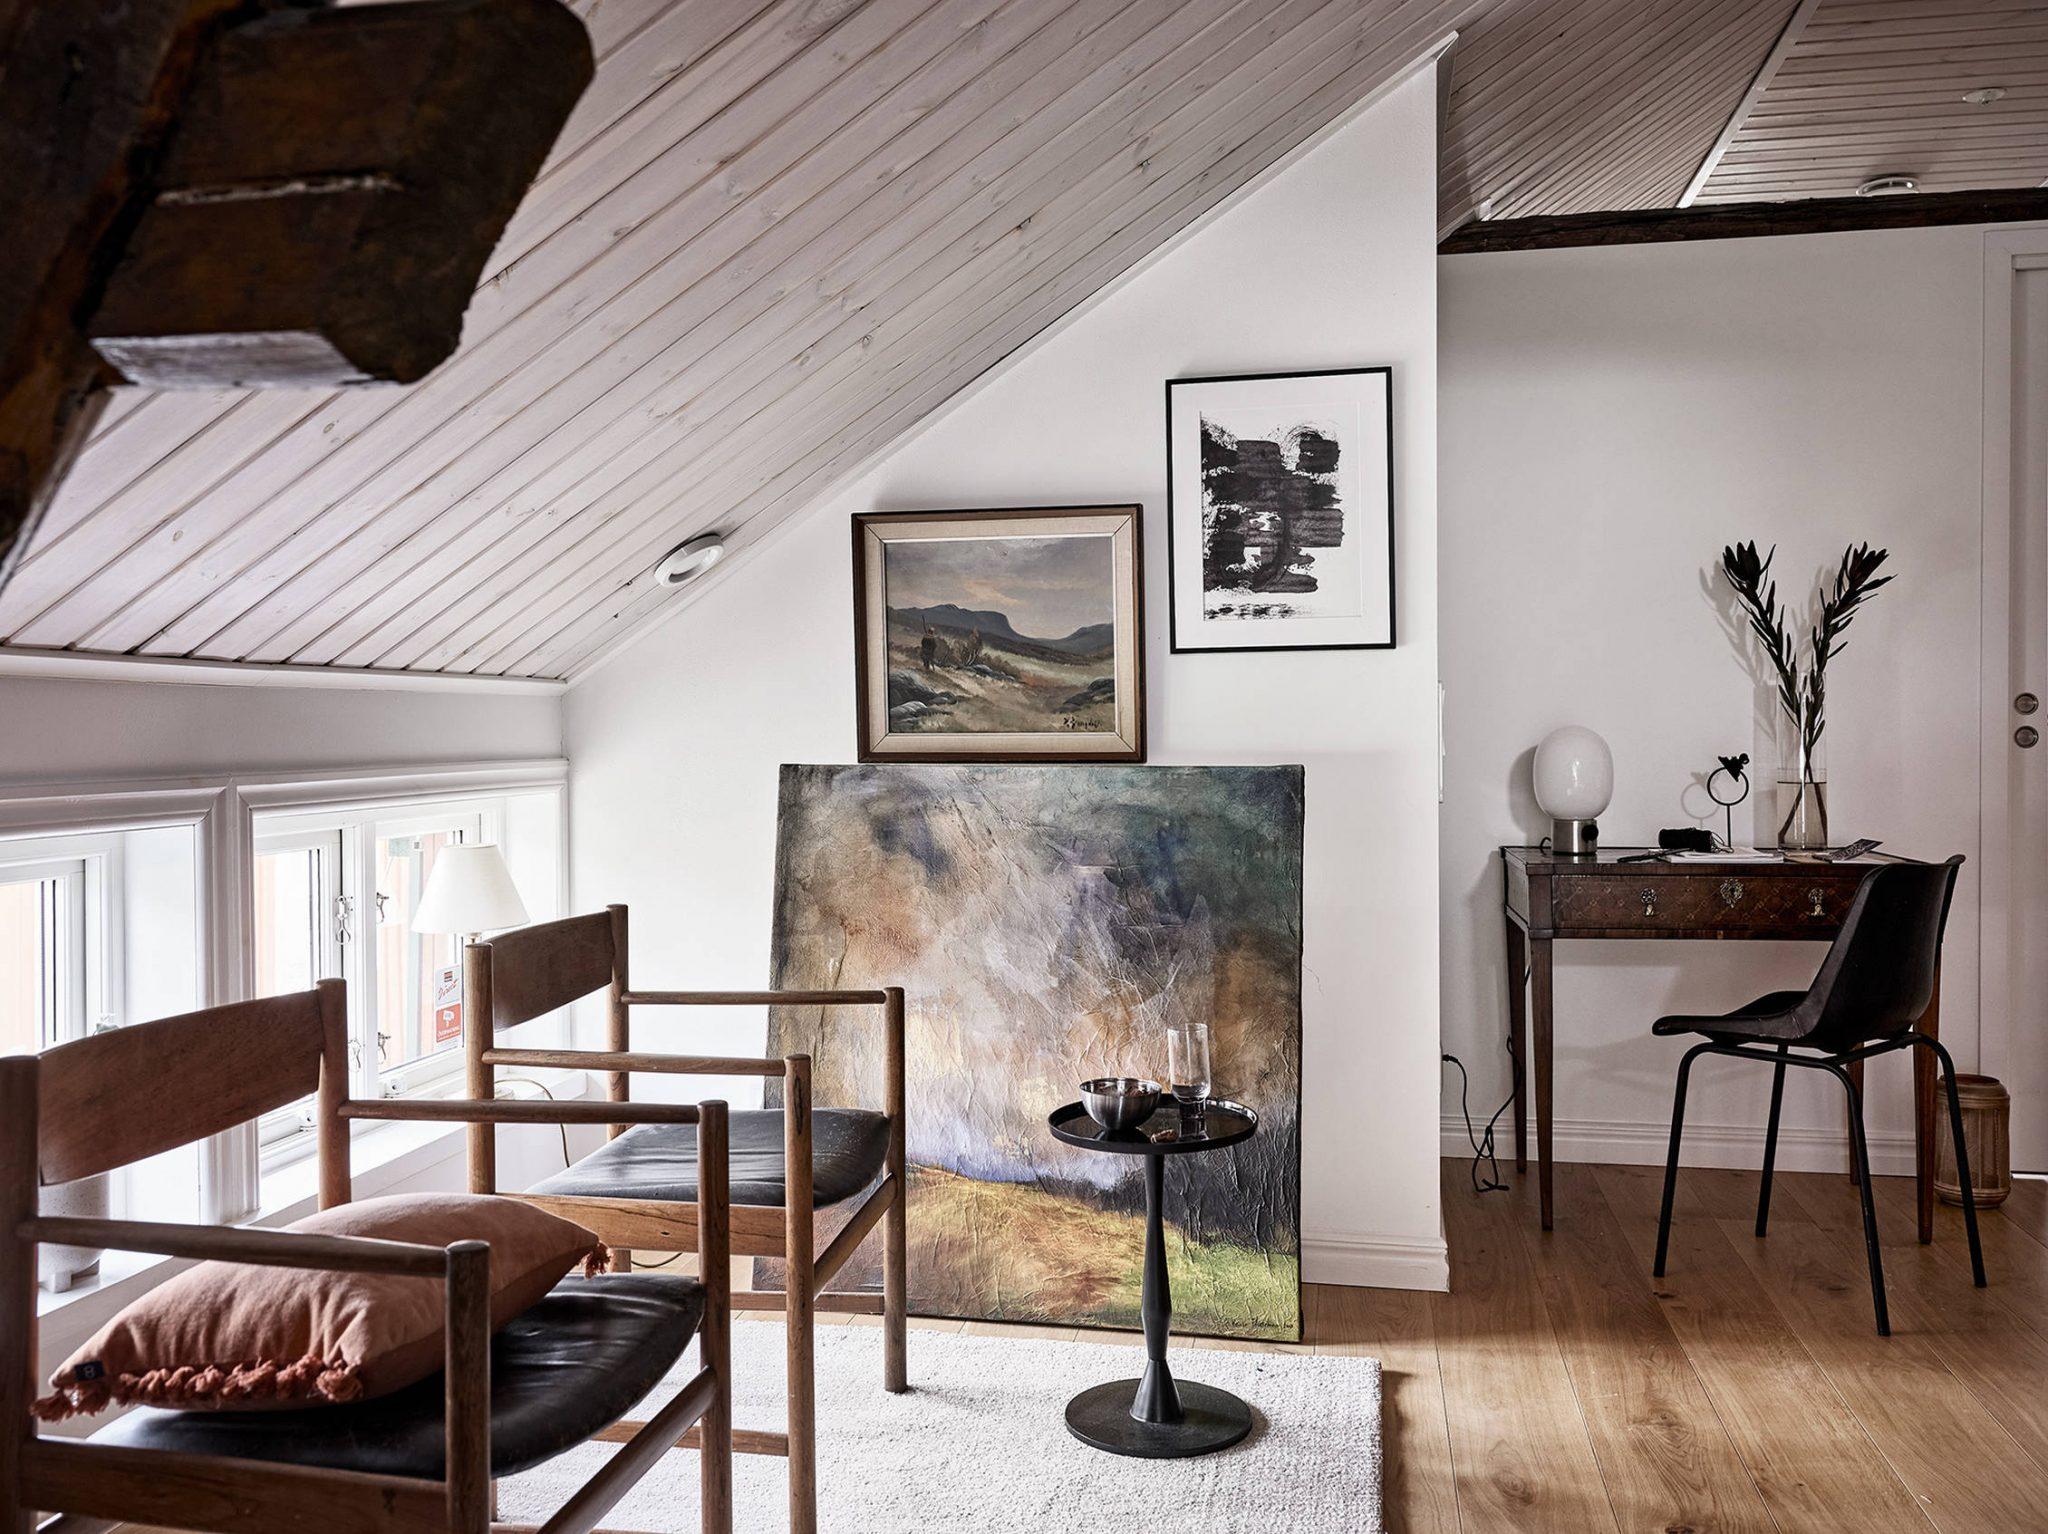 Tavan înclinat și decor rusti scandinav într o casă din Suedia 6